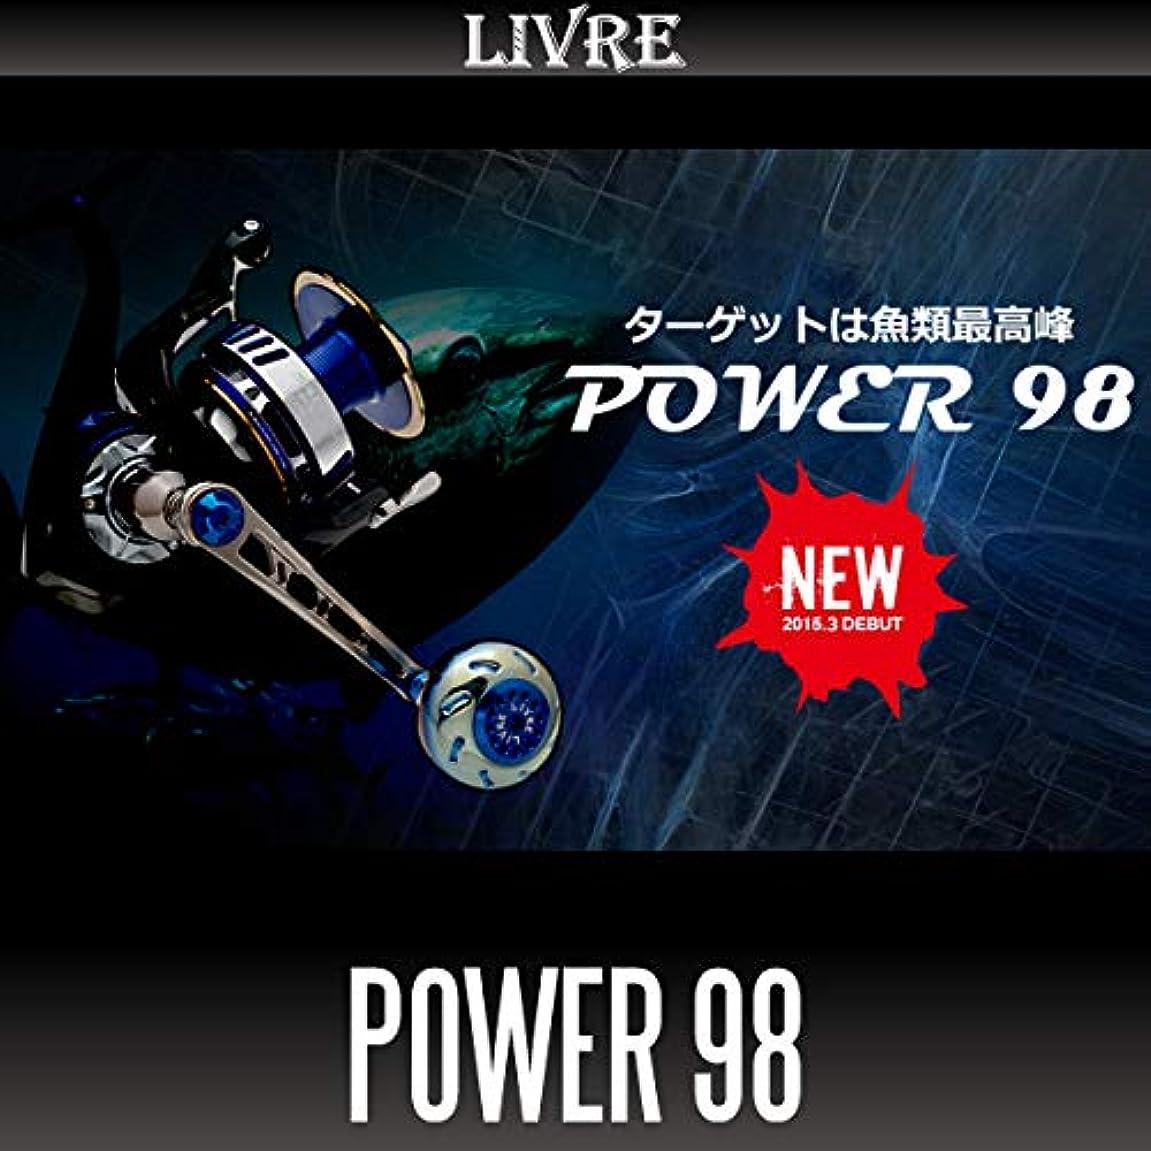 毒液熱帯のパッド【リブレ/LIVRE】 POWER 98 ジギング&キャスティングハンドル パワーハンドル